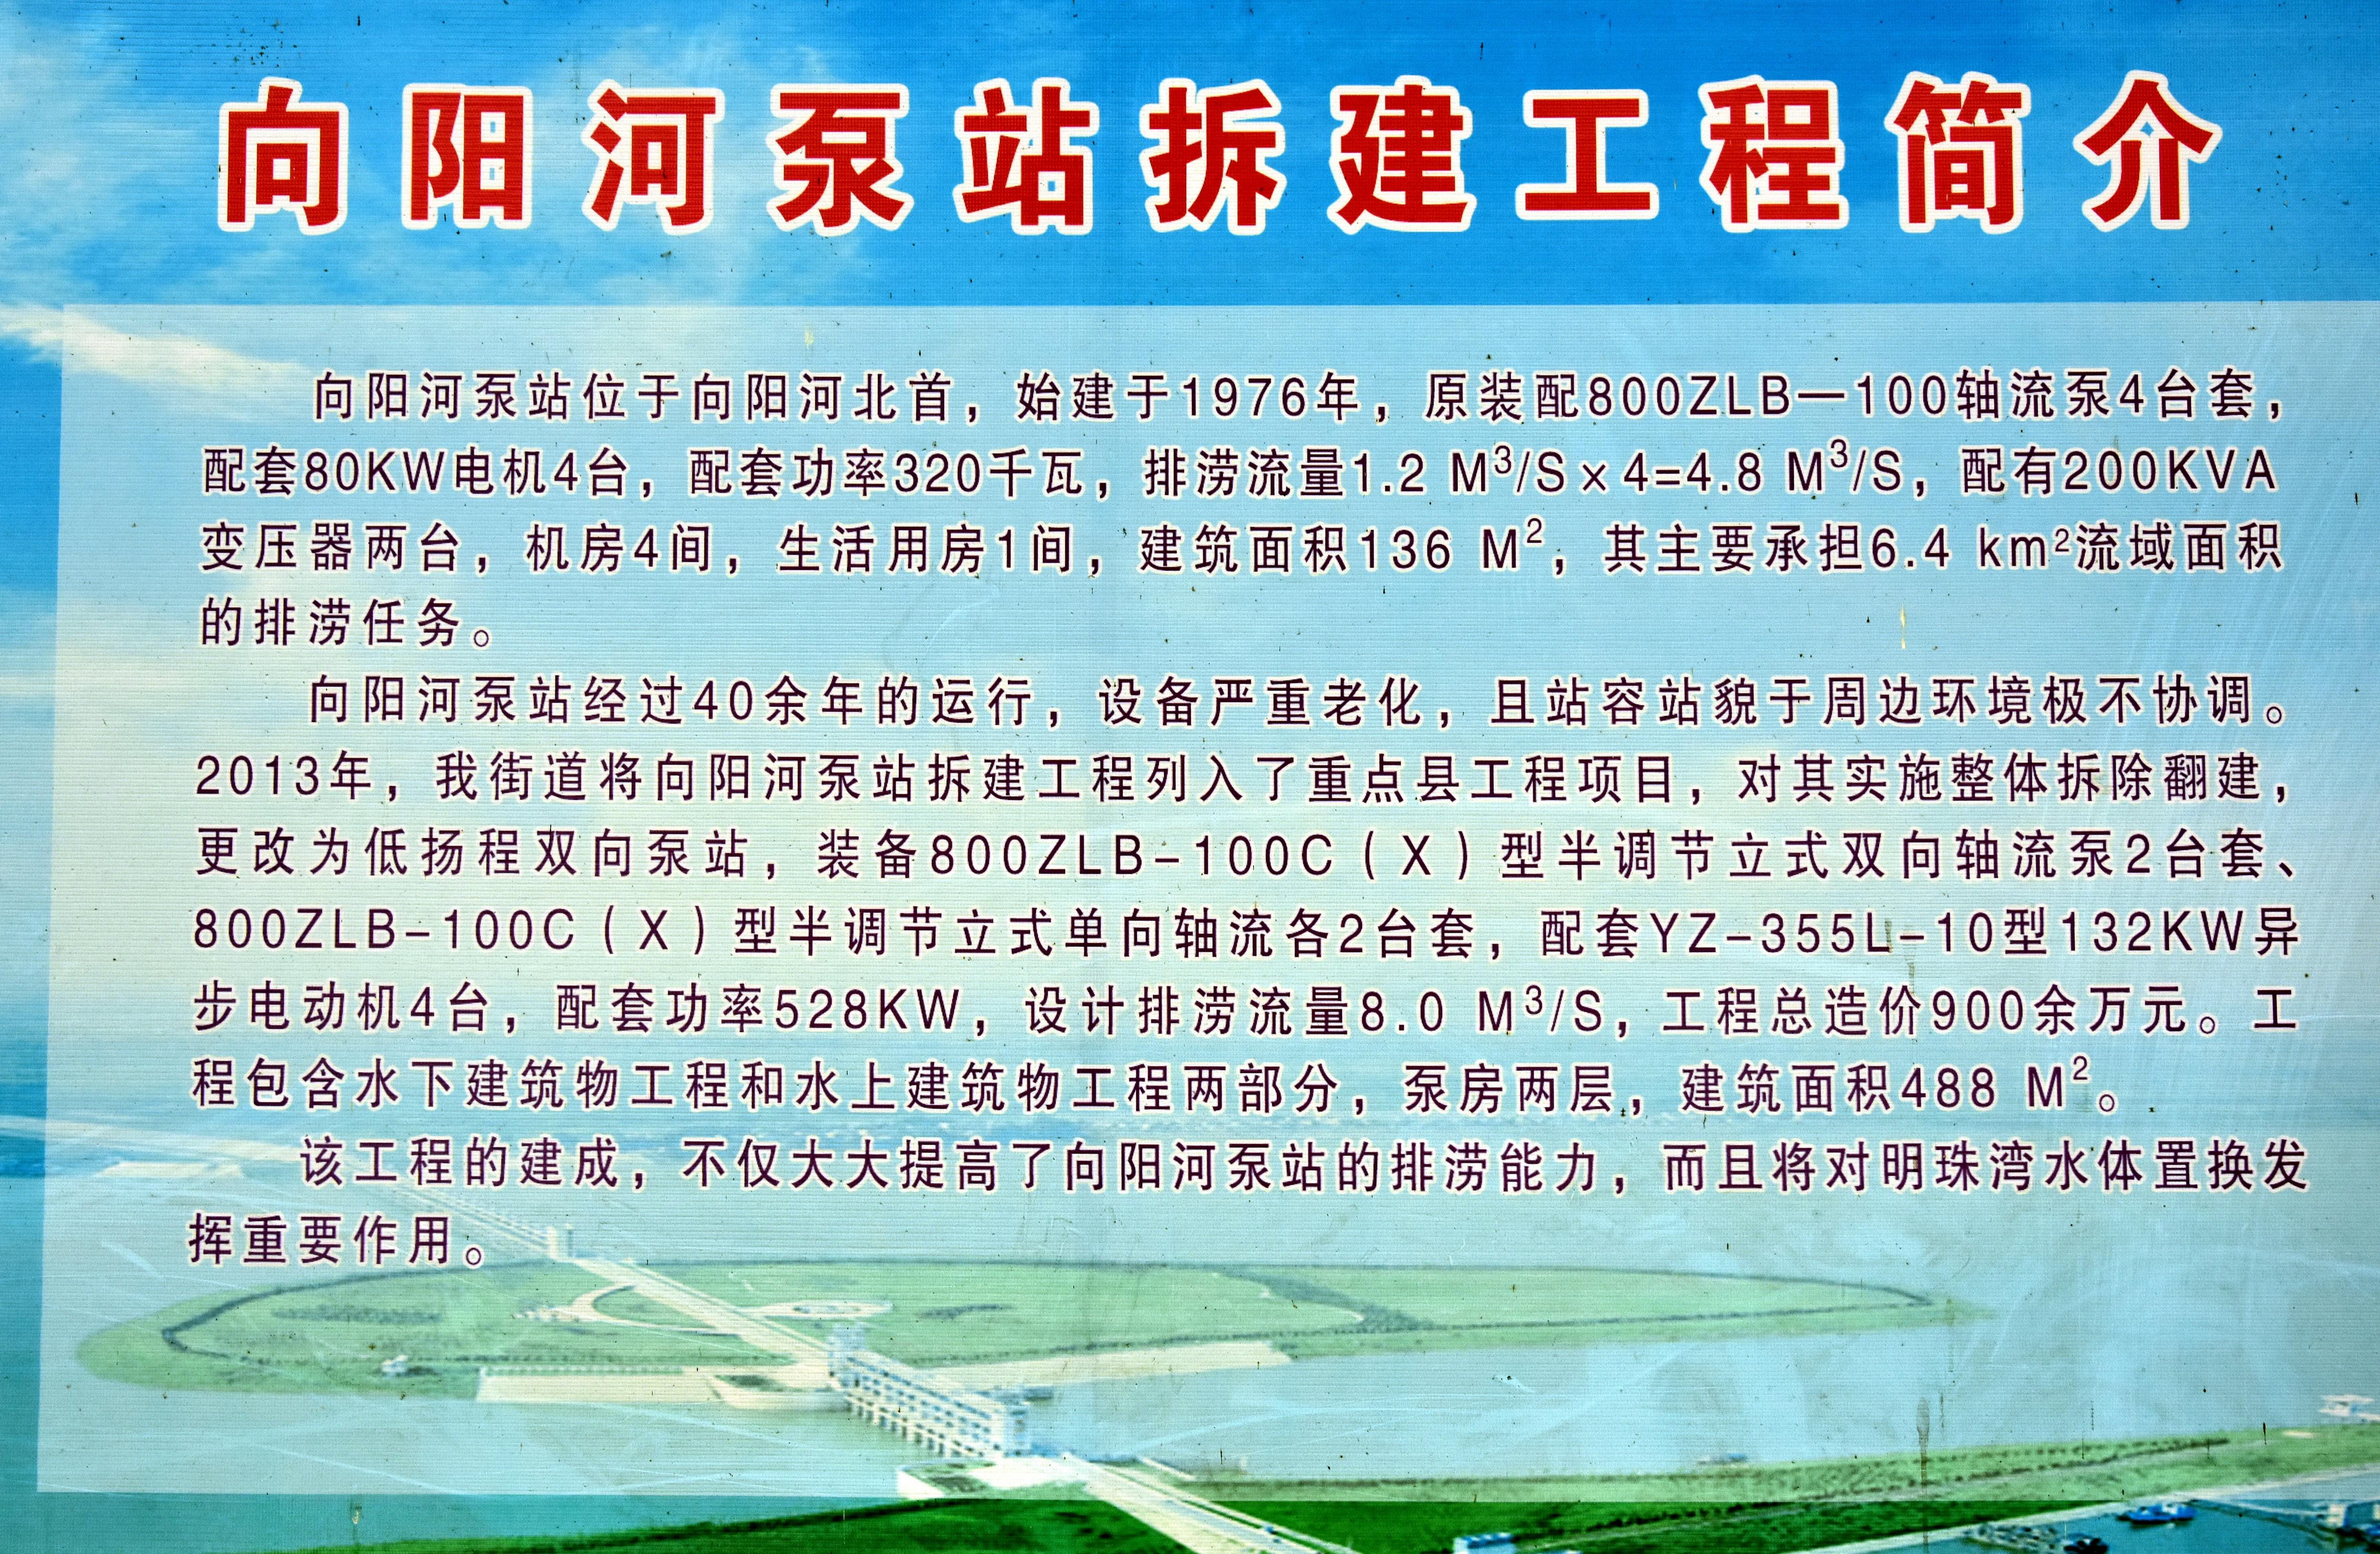 """扬中市向阳河站简介上清楚写明该站""""对明珠湾水体置换发挥重要作用""""。摄影/章轲"""